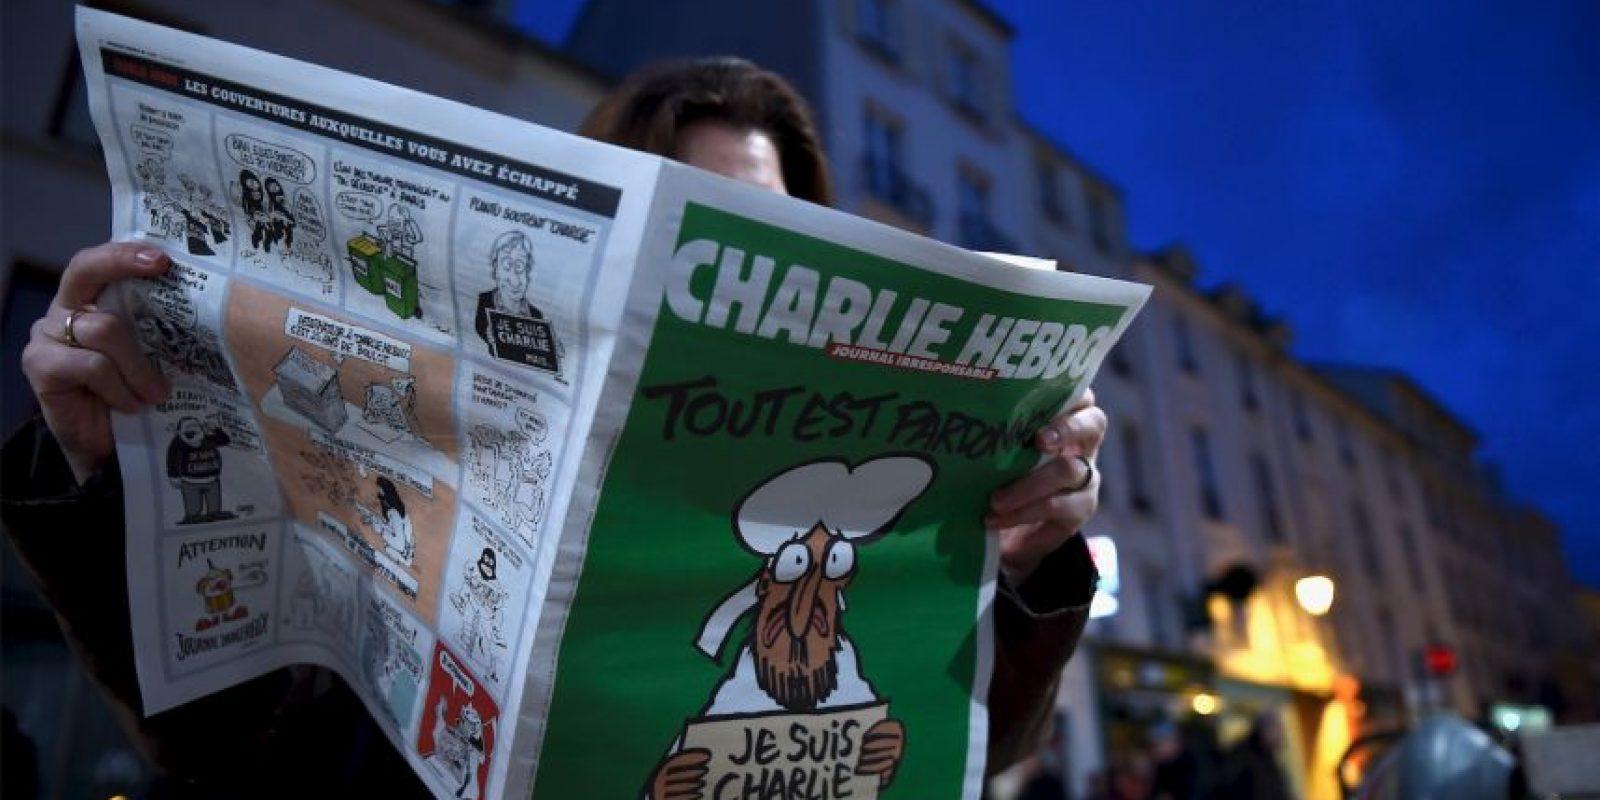 La organización PEN American Center ha recibido acusaciones contra el premio concedido a la revista francesa. Foto:Getty Images